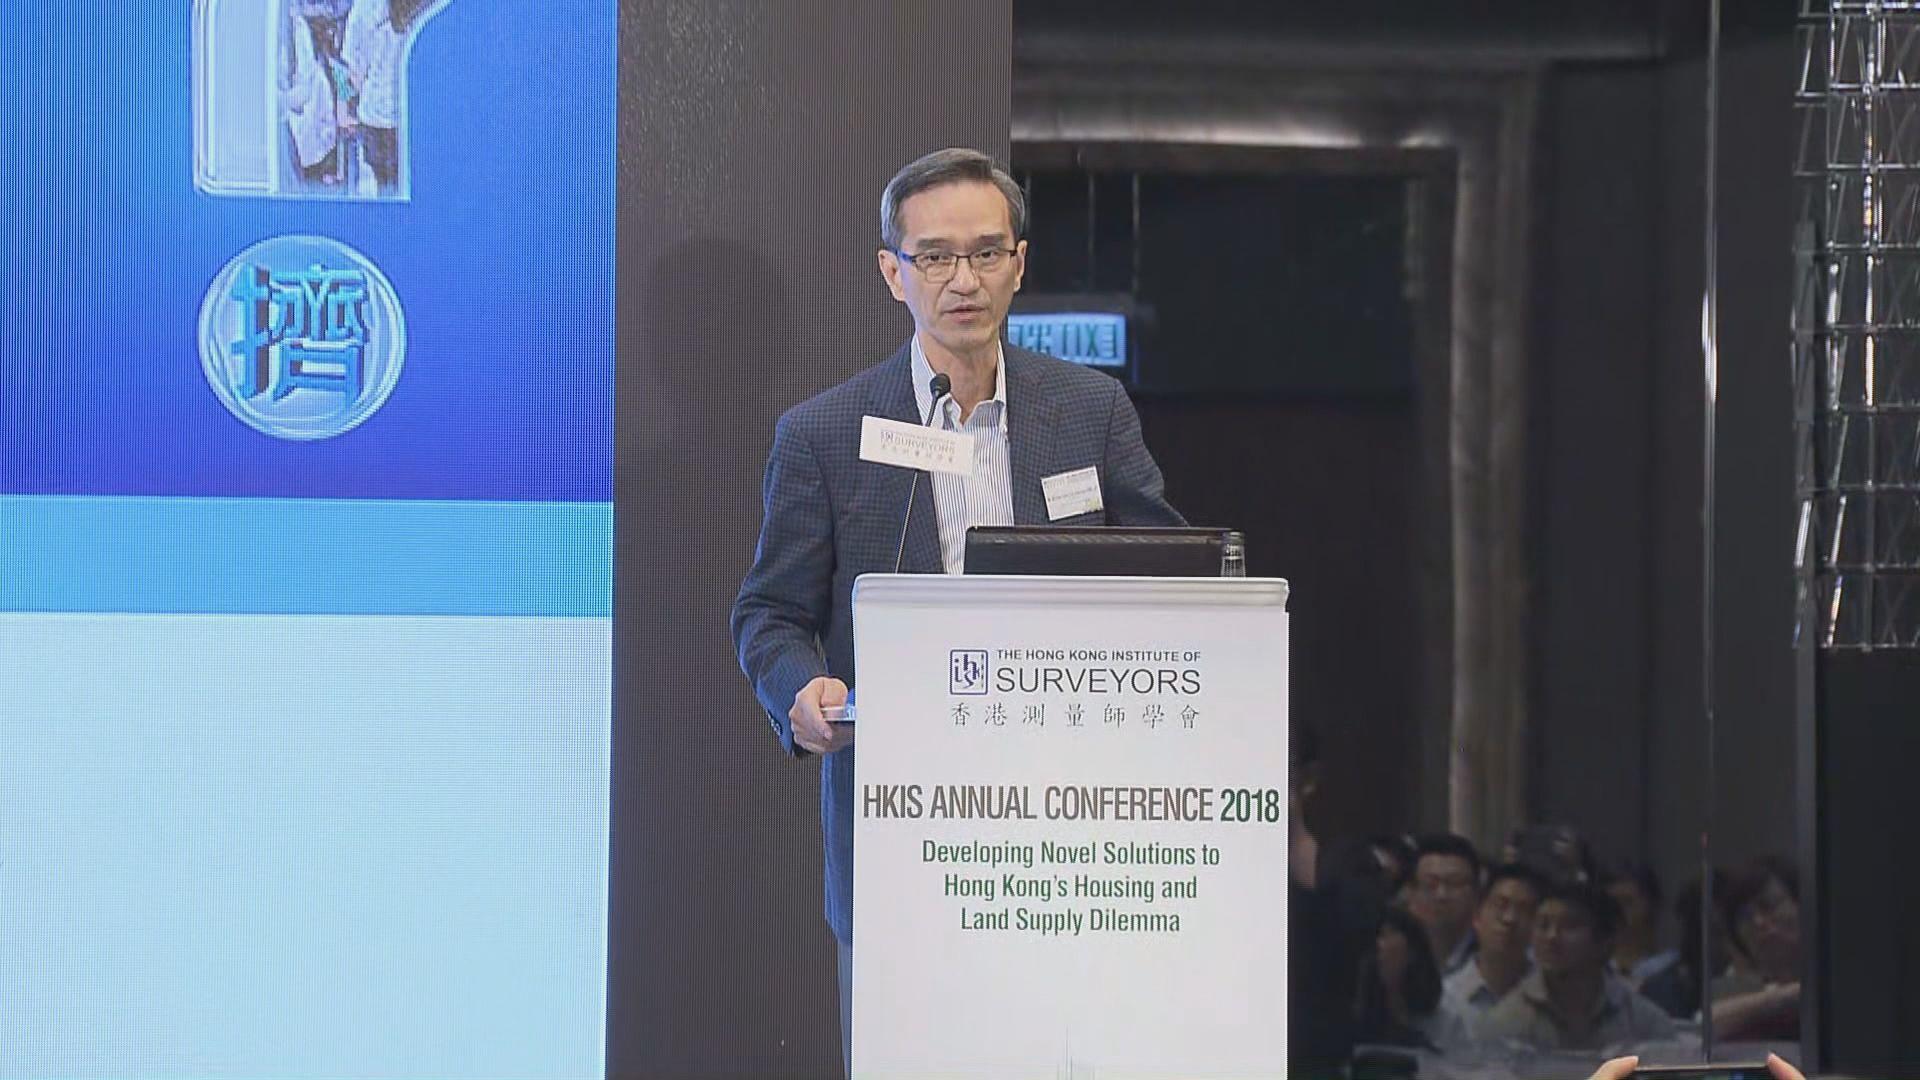 黃遠輝:未來三個月訂時間表撰寫報告